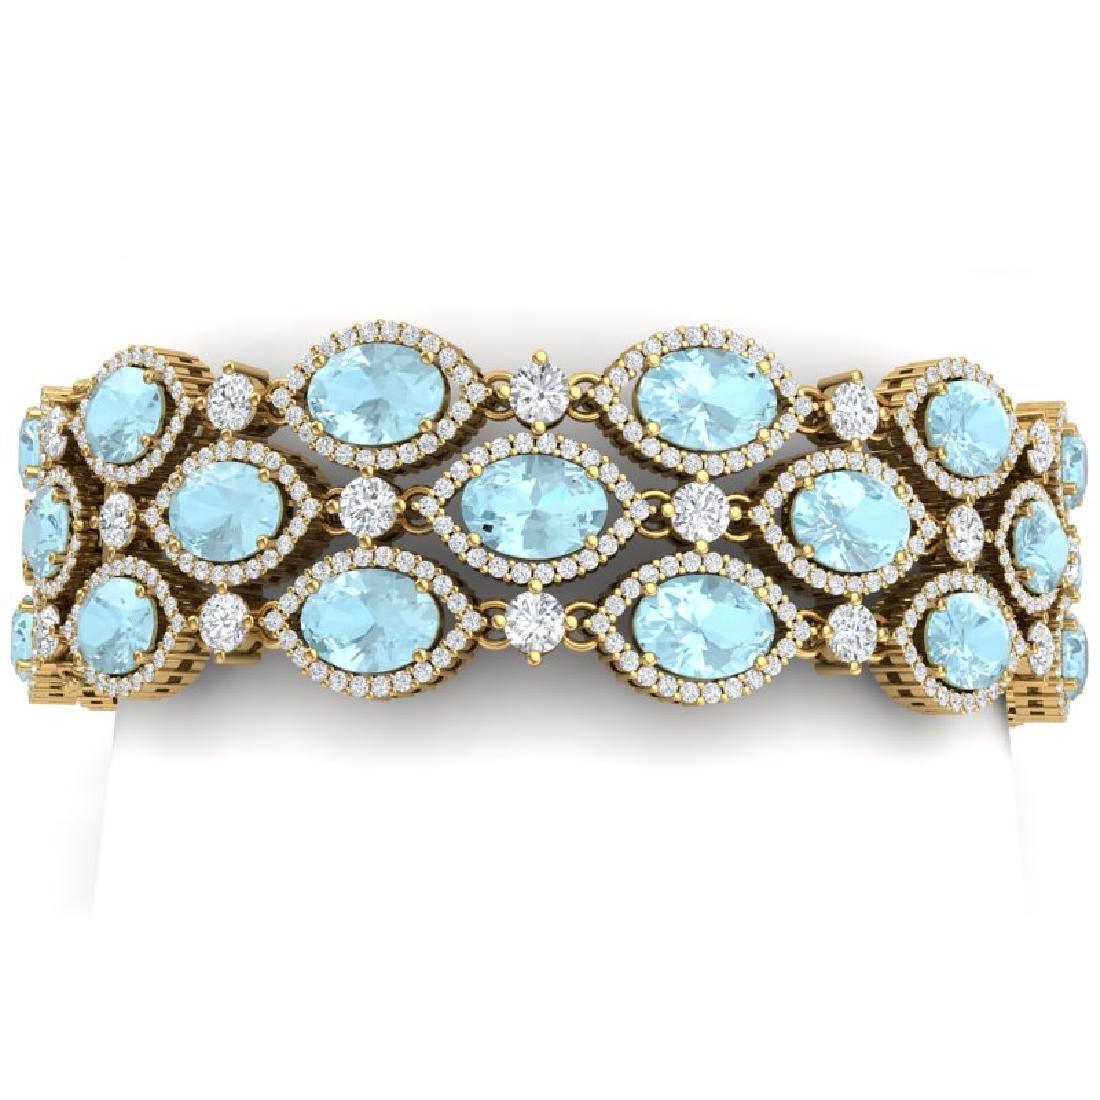 45.84 CTW Royalty Sky Topaz & VS Diamond Bracelet 18K